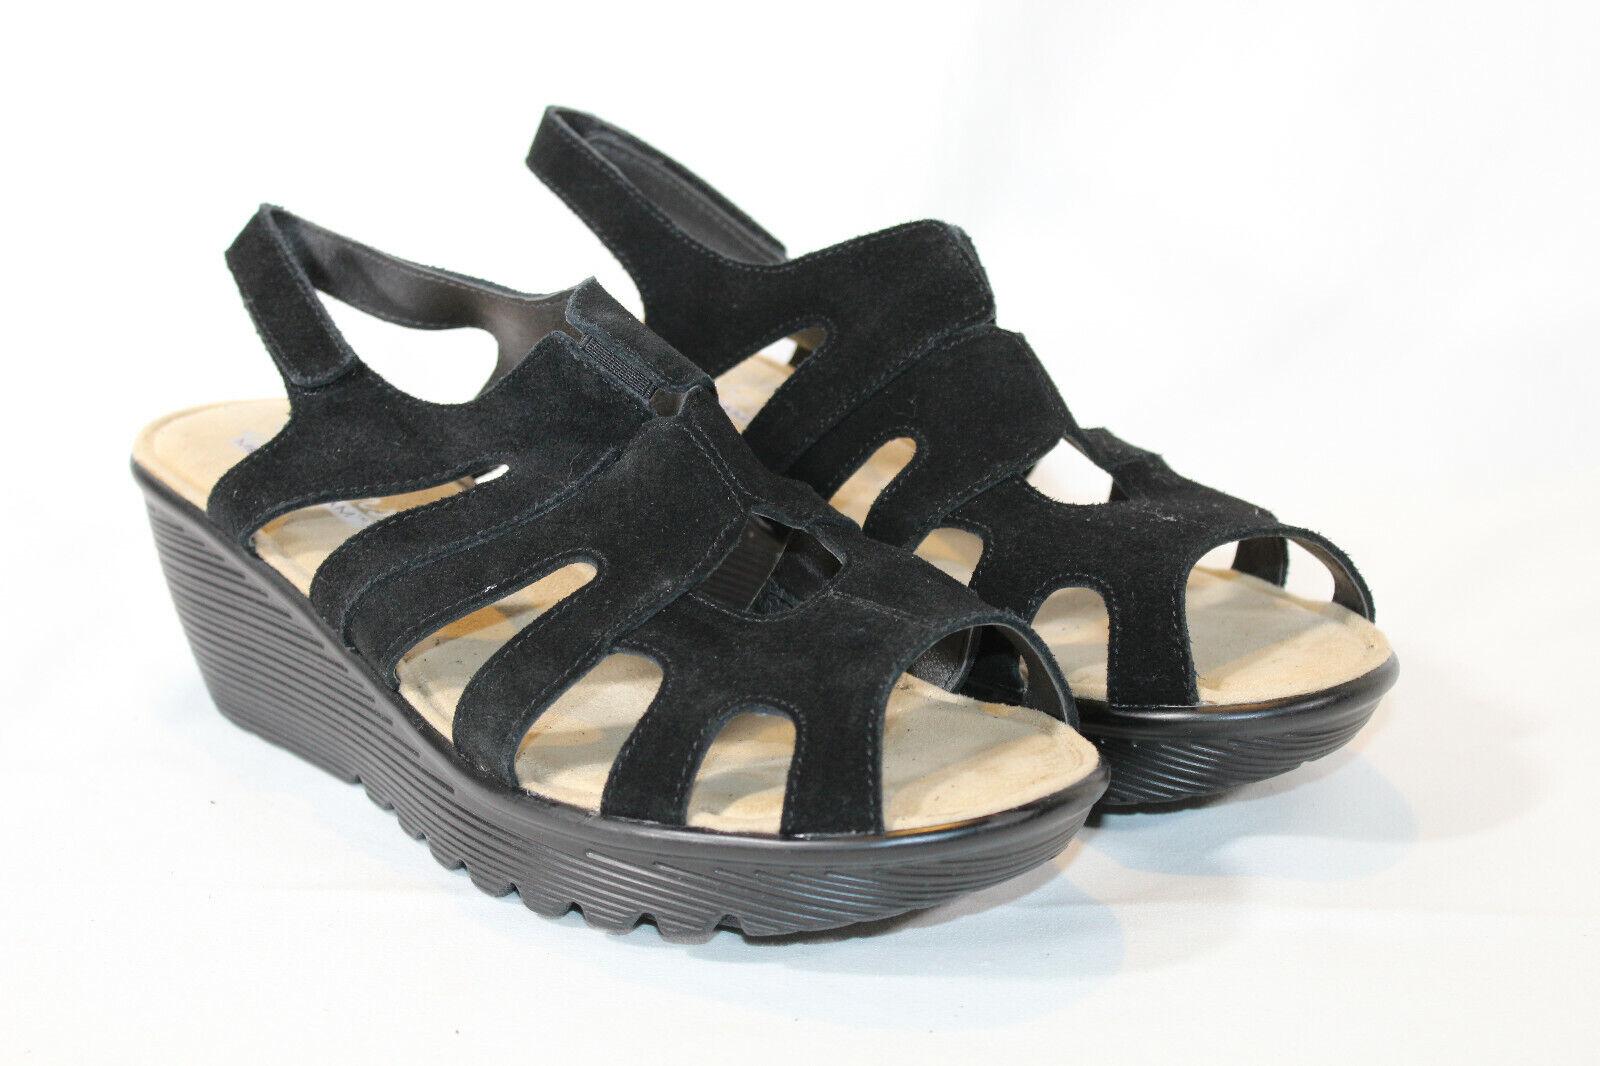 Skechers 10 wide black suede Peep toe slingback Wedges stylin